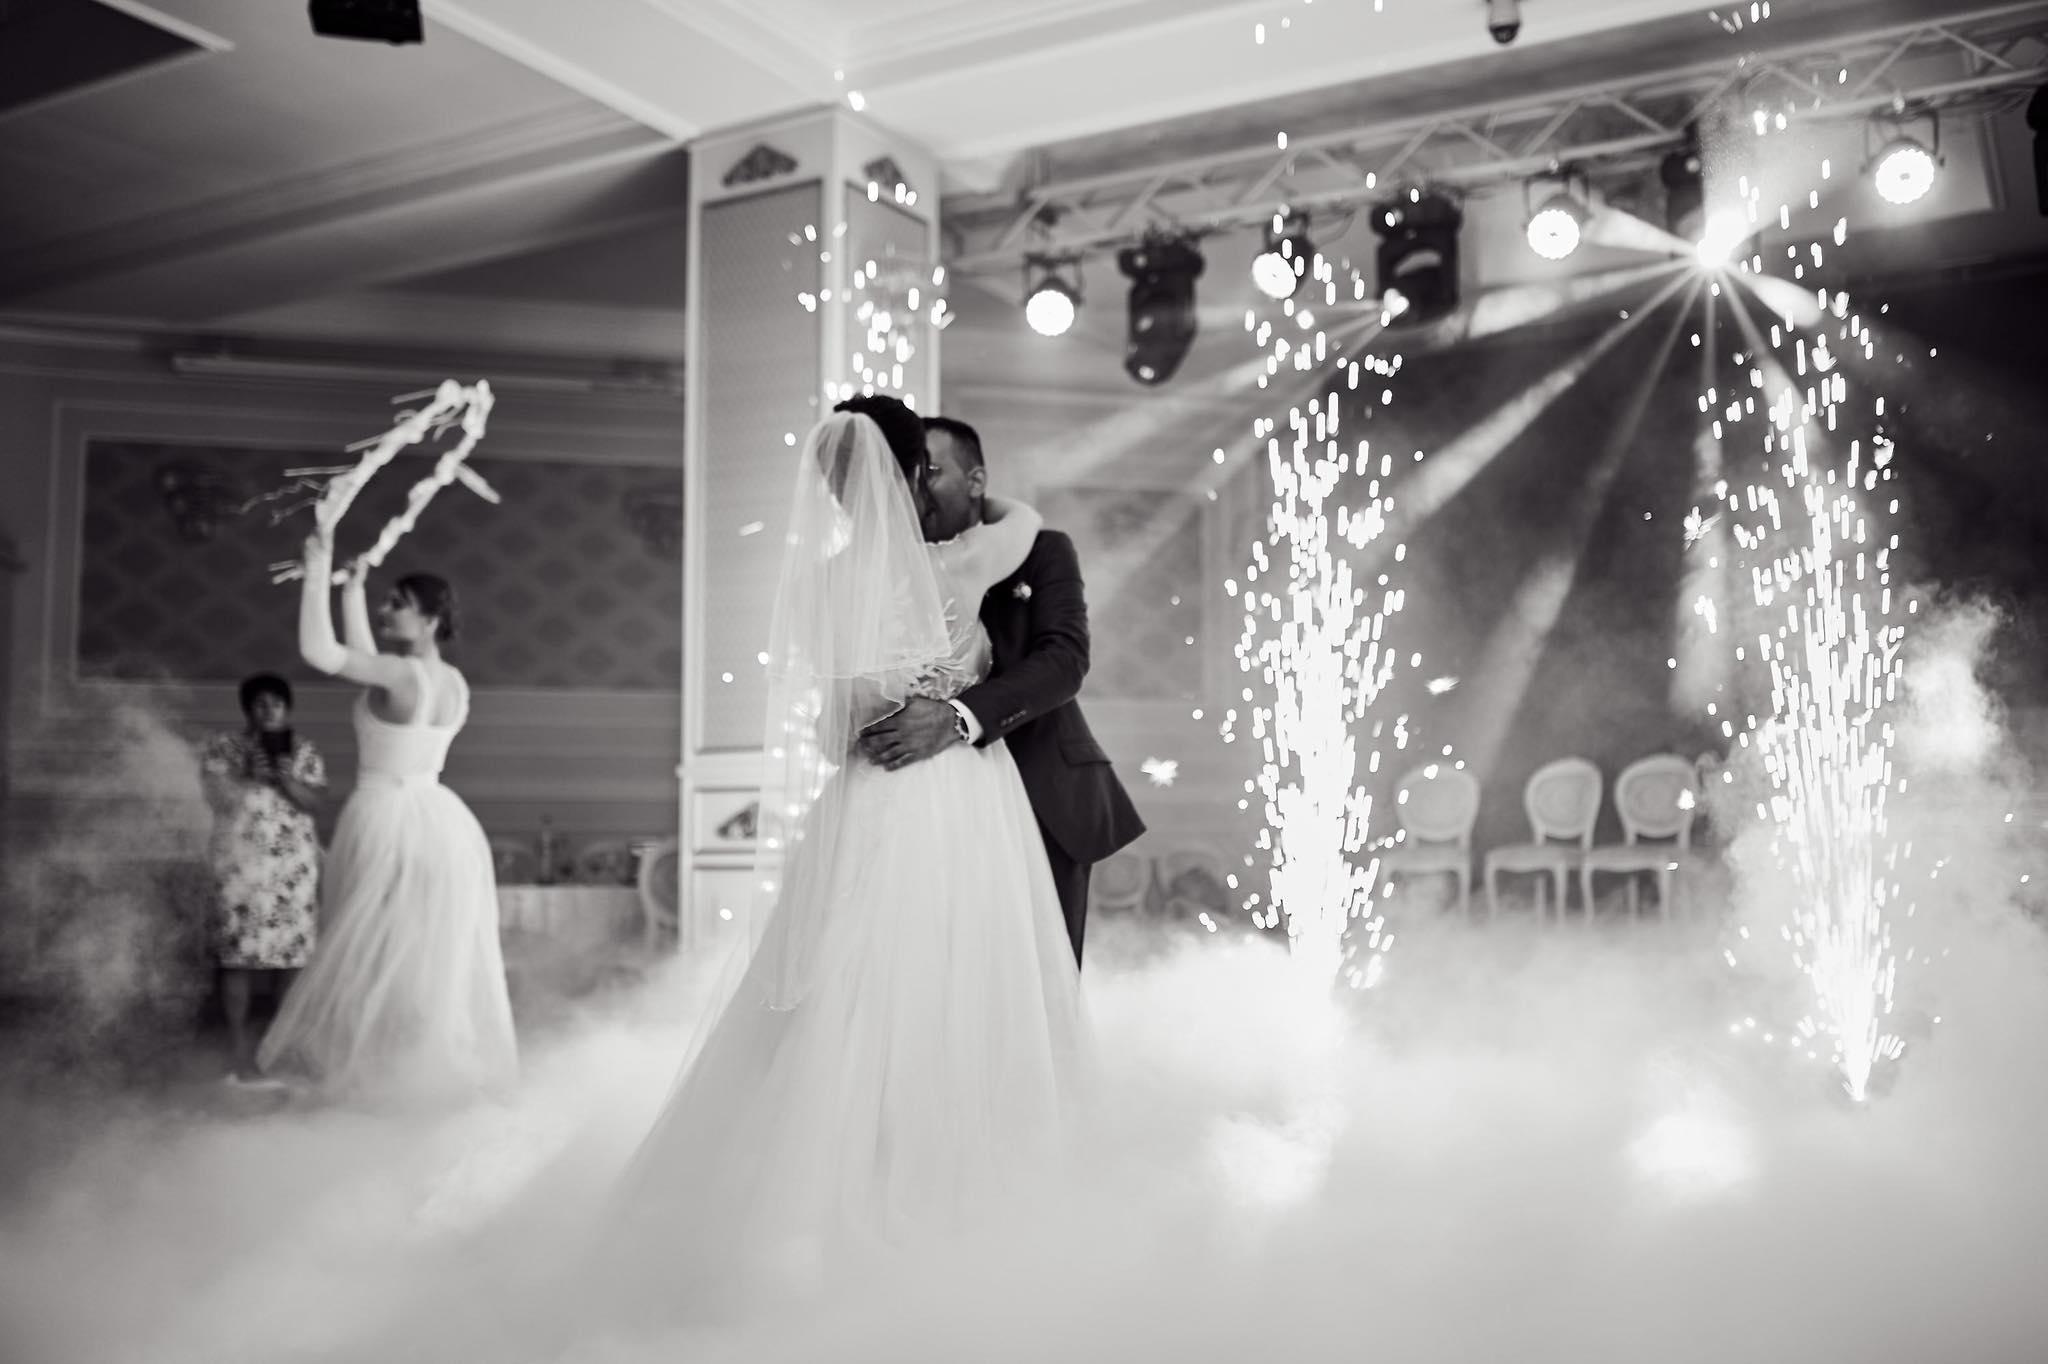 Iluminatul pentru evenimente sau pentru ce sunt efectele speciale pentru o nuntă sau cumatria și, în general, pentru sărbători?